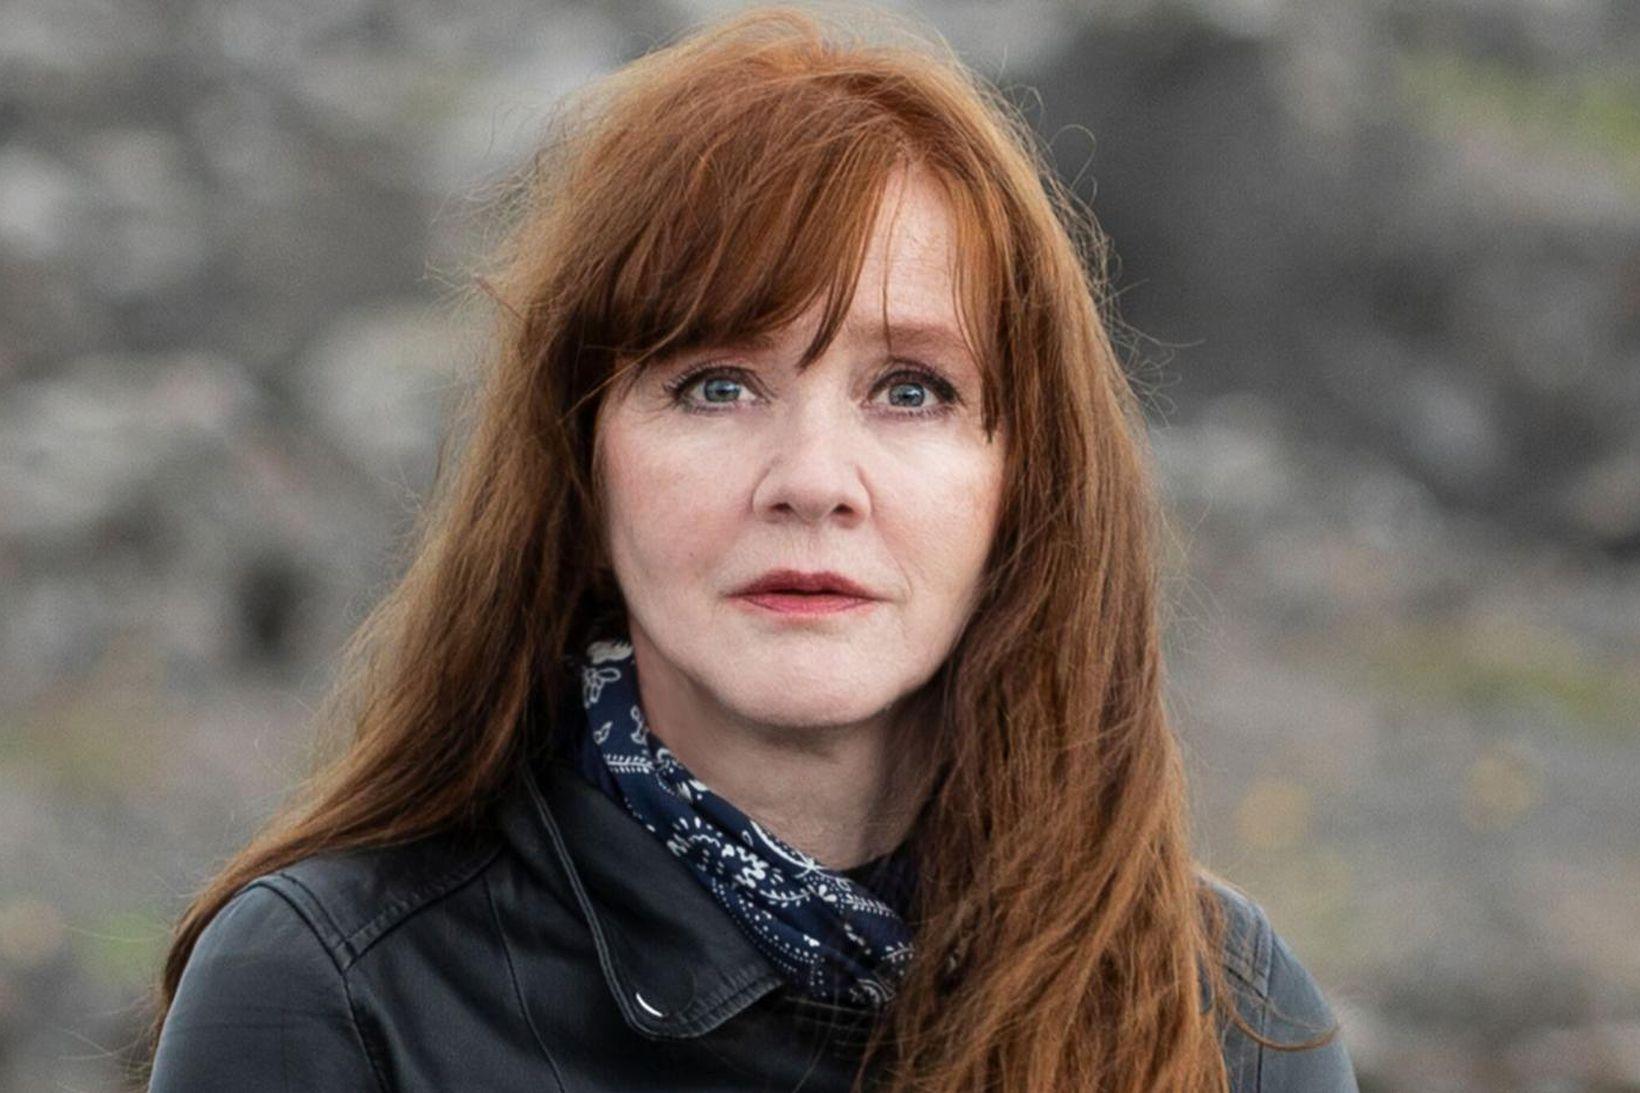 Auður Ava Ólafsdóttir rithöfundur er ein þeirra sem heimsækja framhaldsskóla.